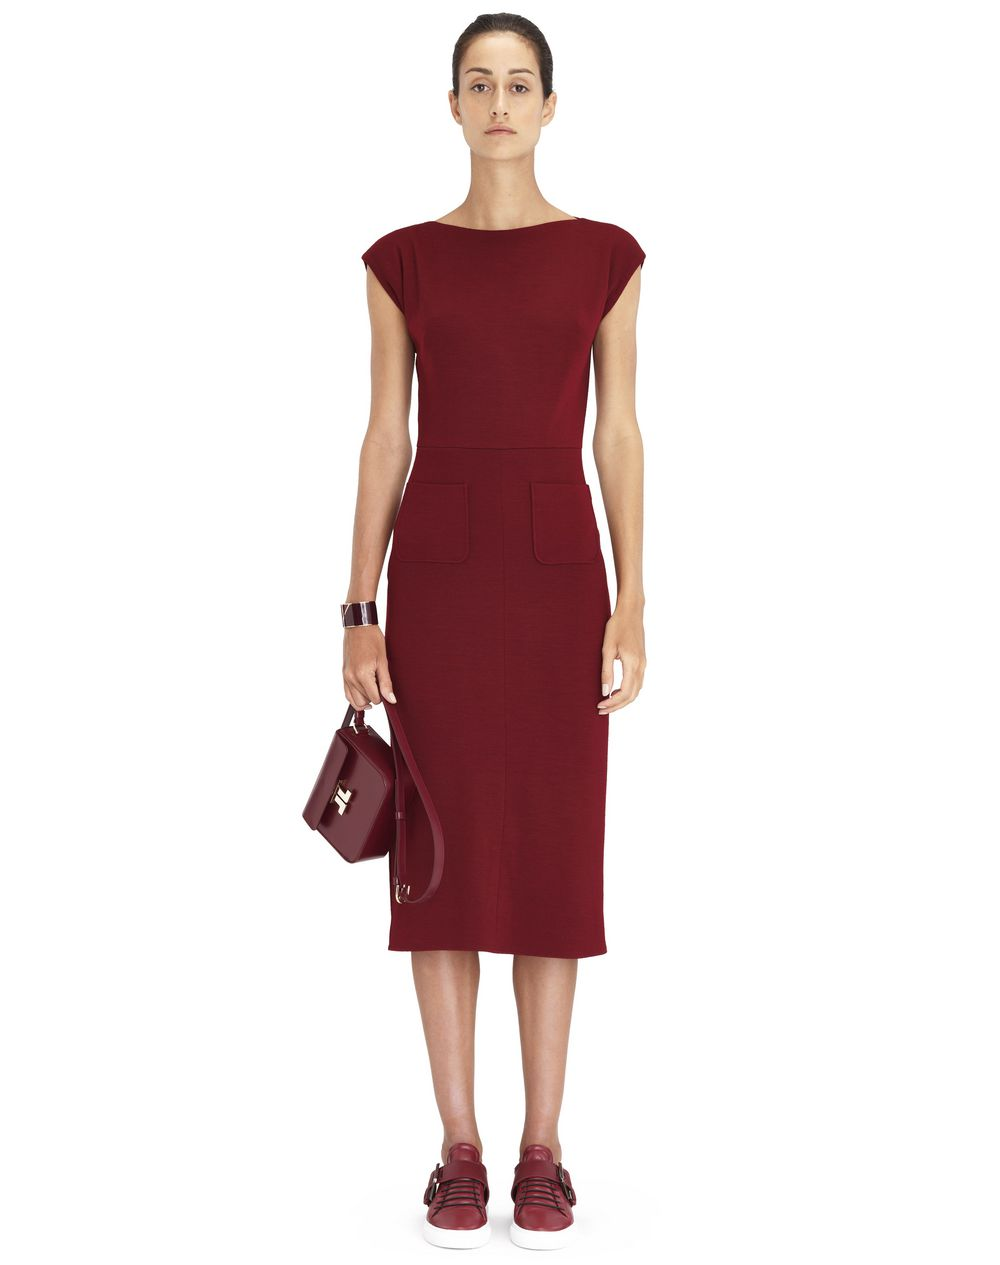 sale retailer 48c48 8603b ABITO BORDEAUX IN JERSEY Lanvin, Vestito Donna   Lanvin ...